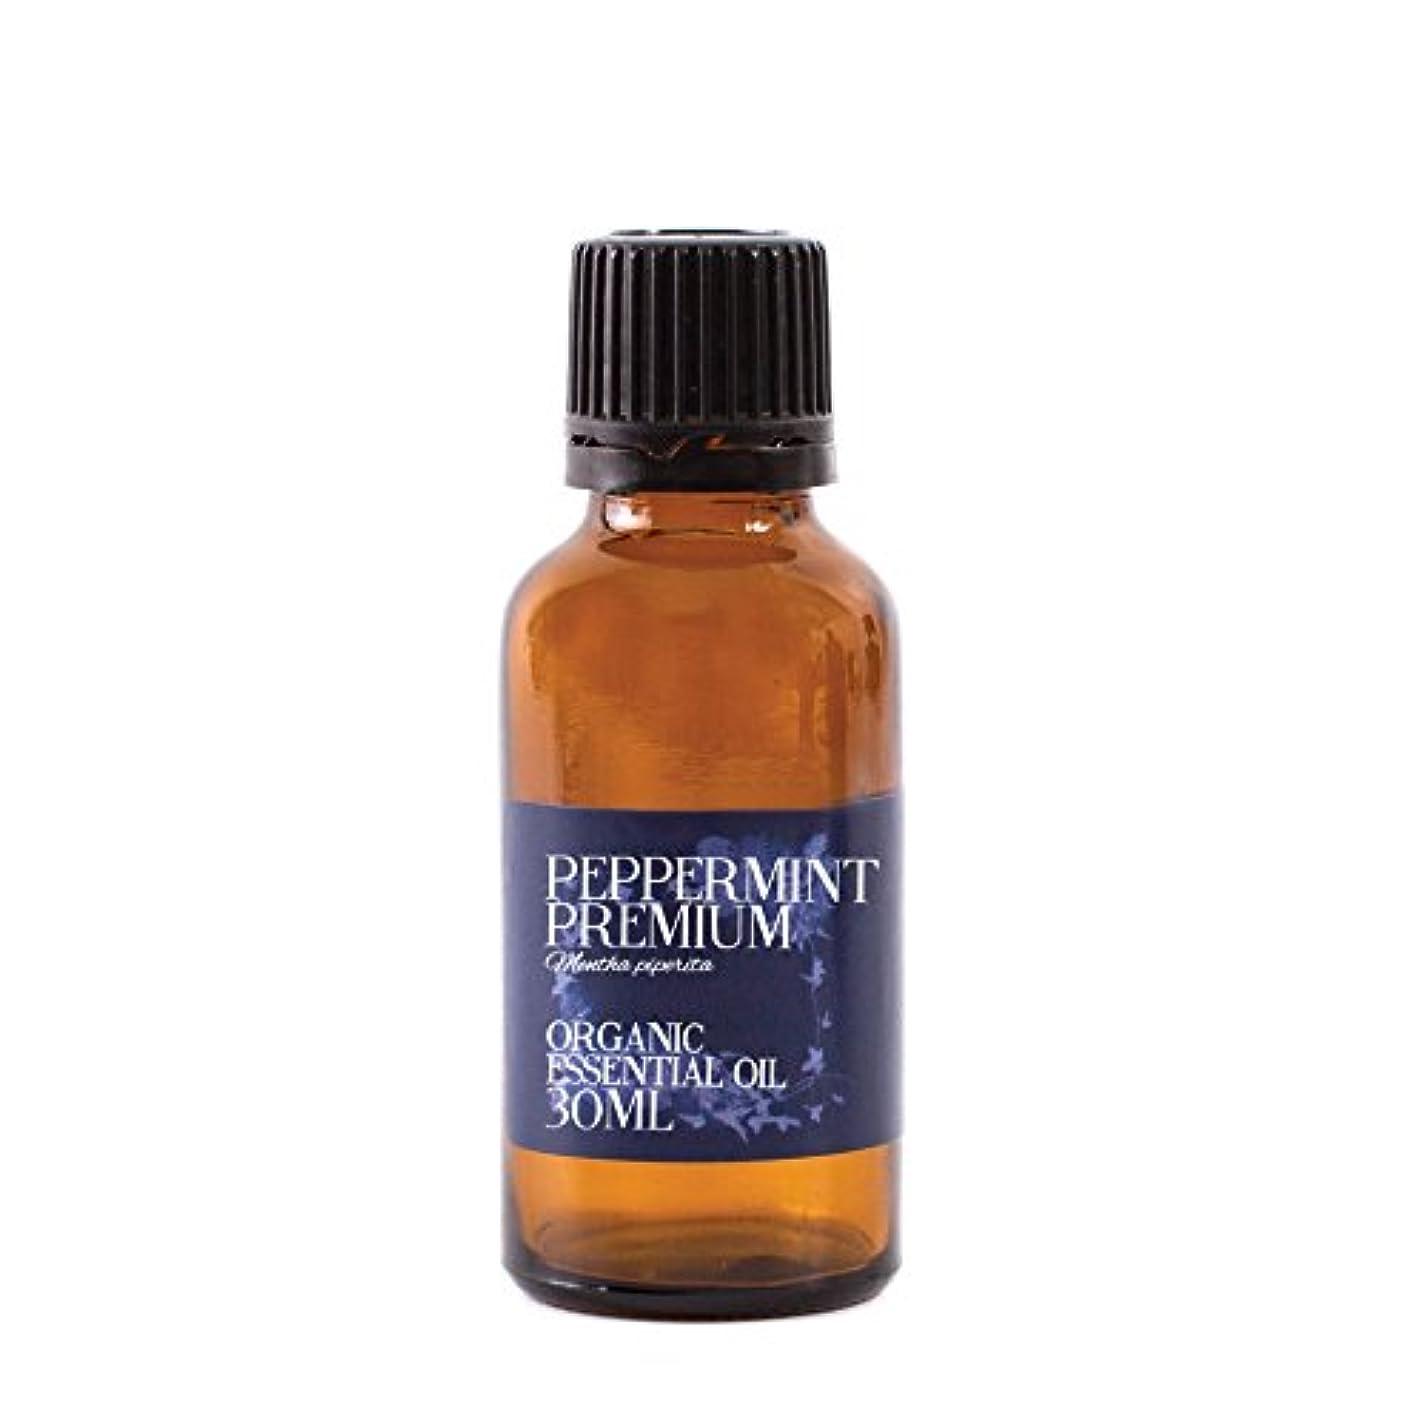 発送実験的細分化するMystic Moments | Peppermint Premium Organic Essential Oil - 30ml - 100% Pure